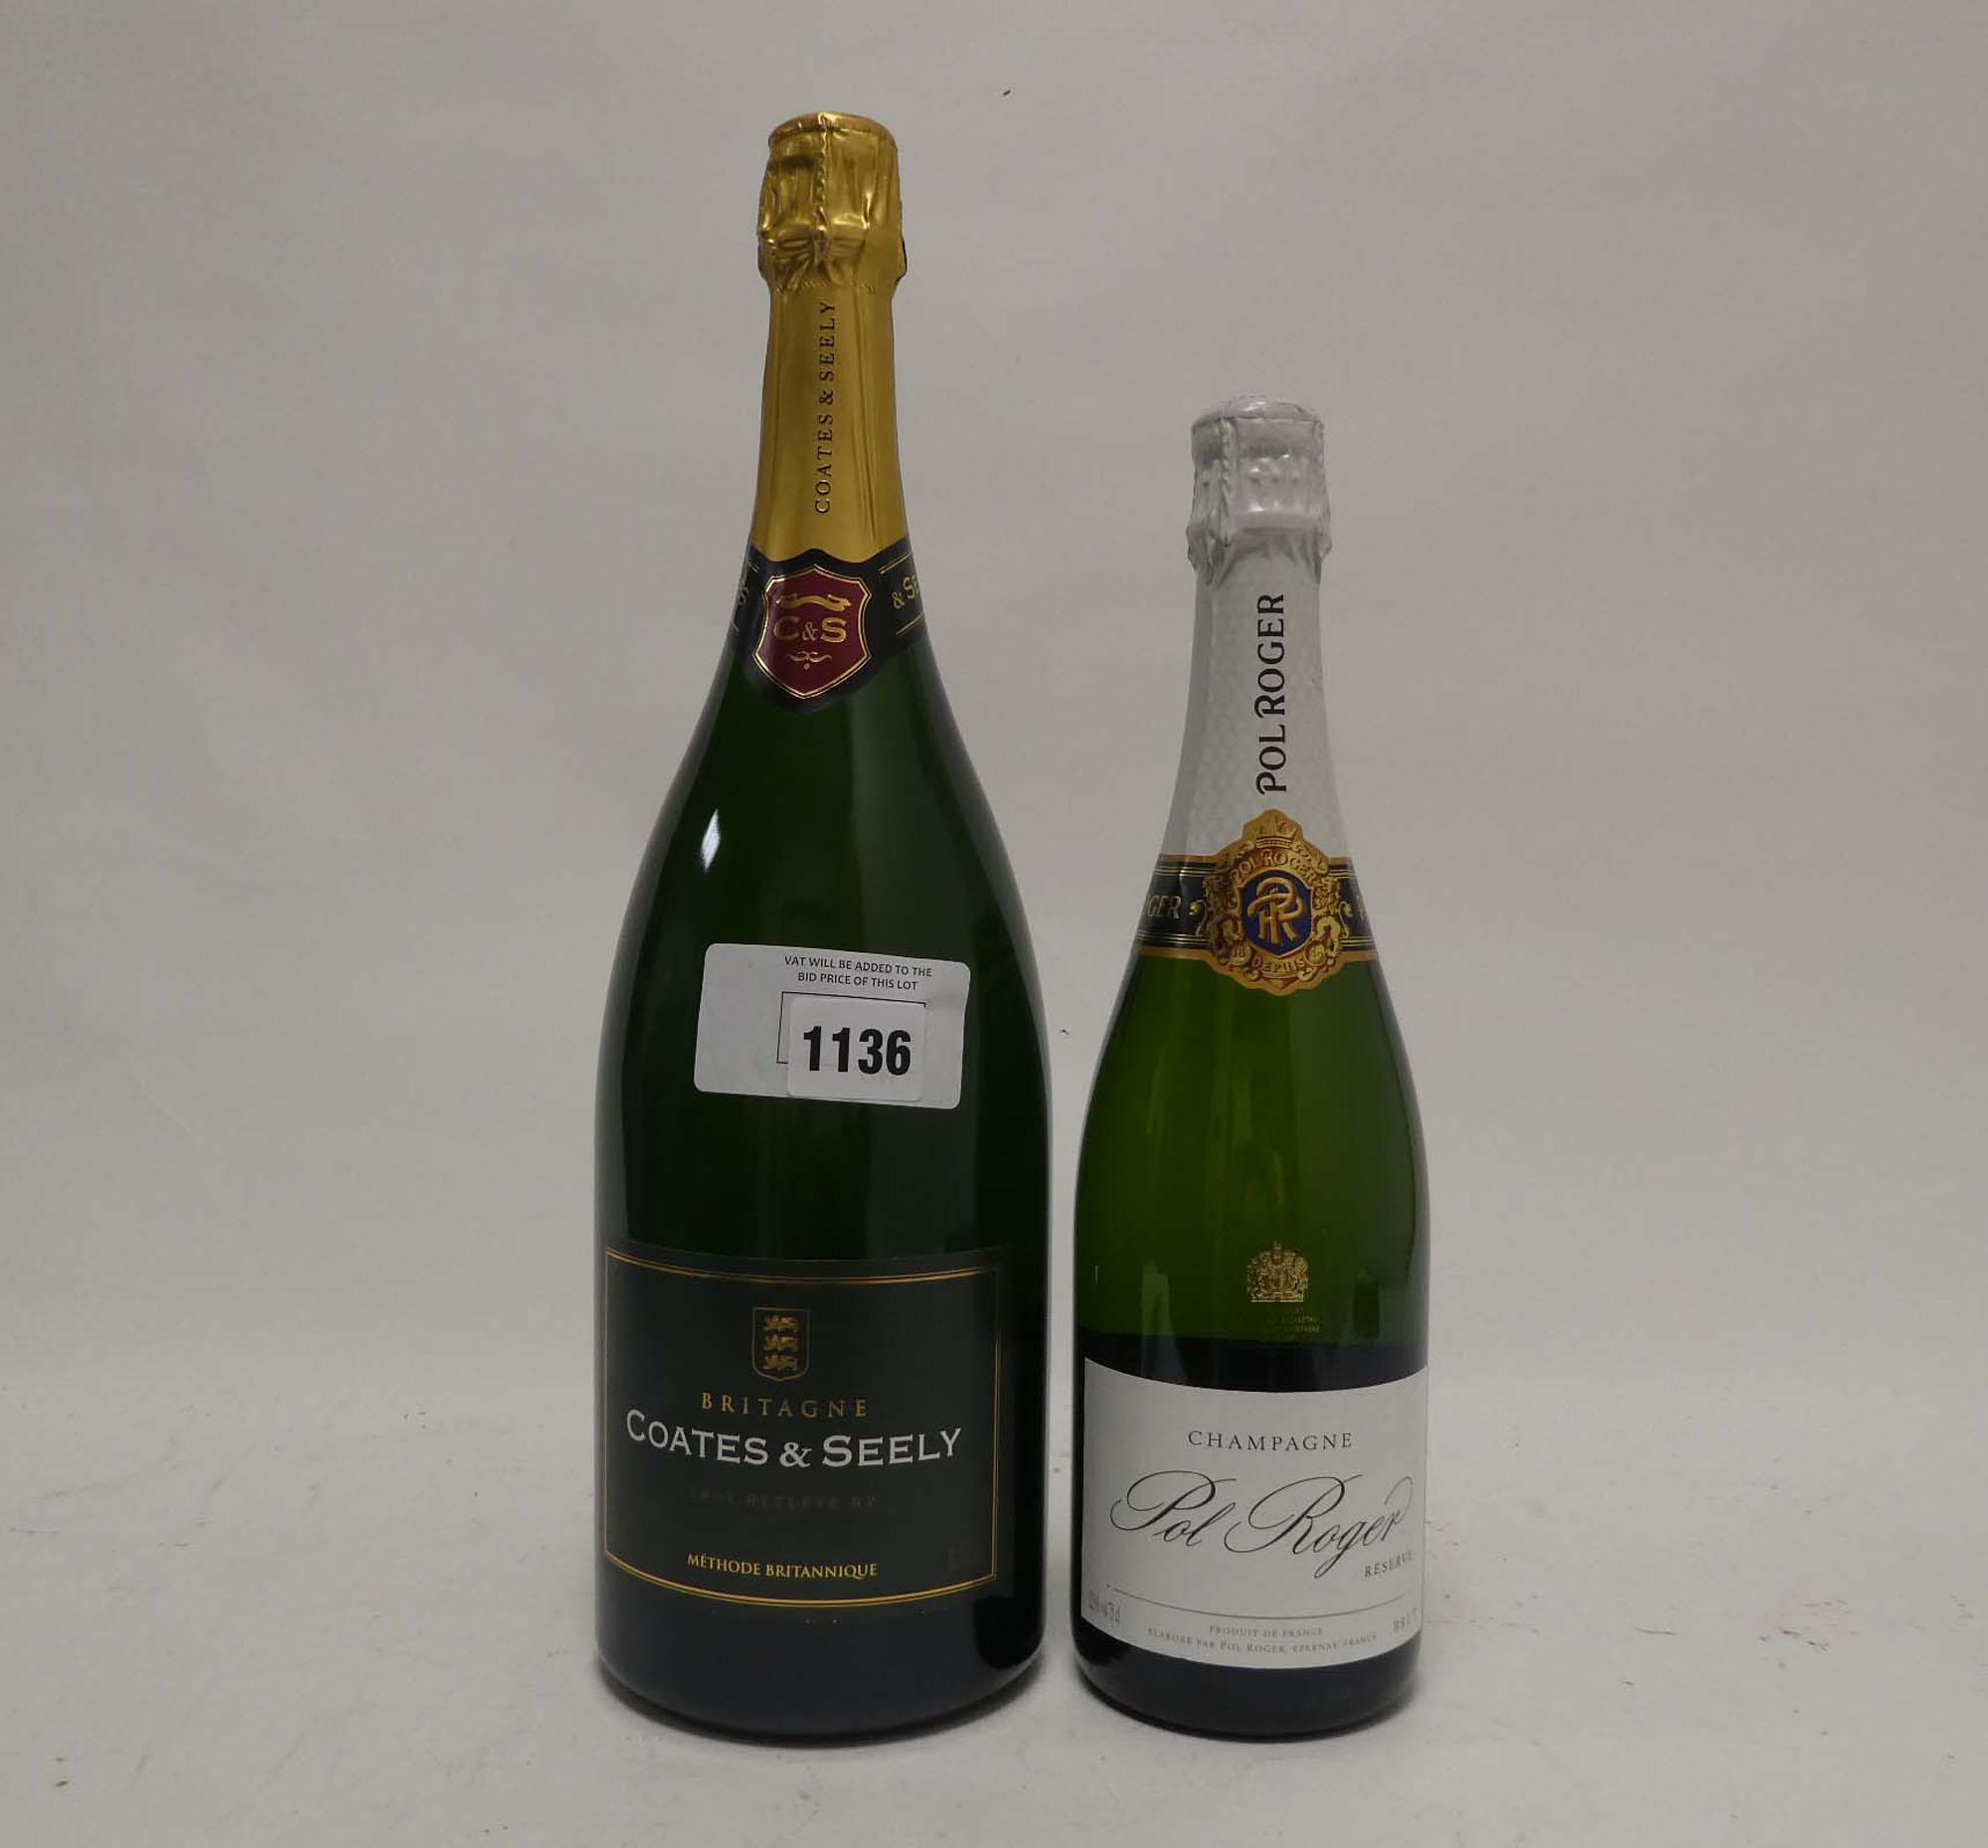 2 bottles, 1x Magnum of Coates & Seely Britagne Brut Reserve NV Methode Britannique 150cl 11.